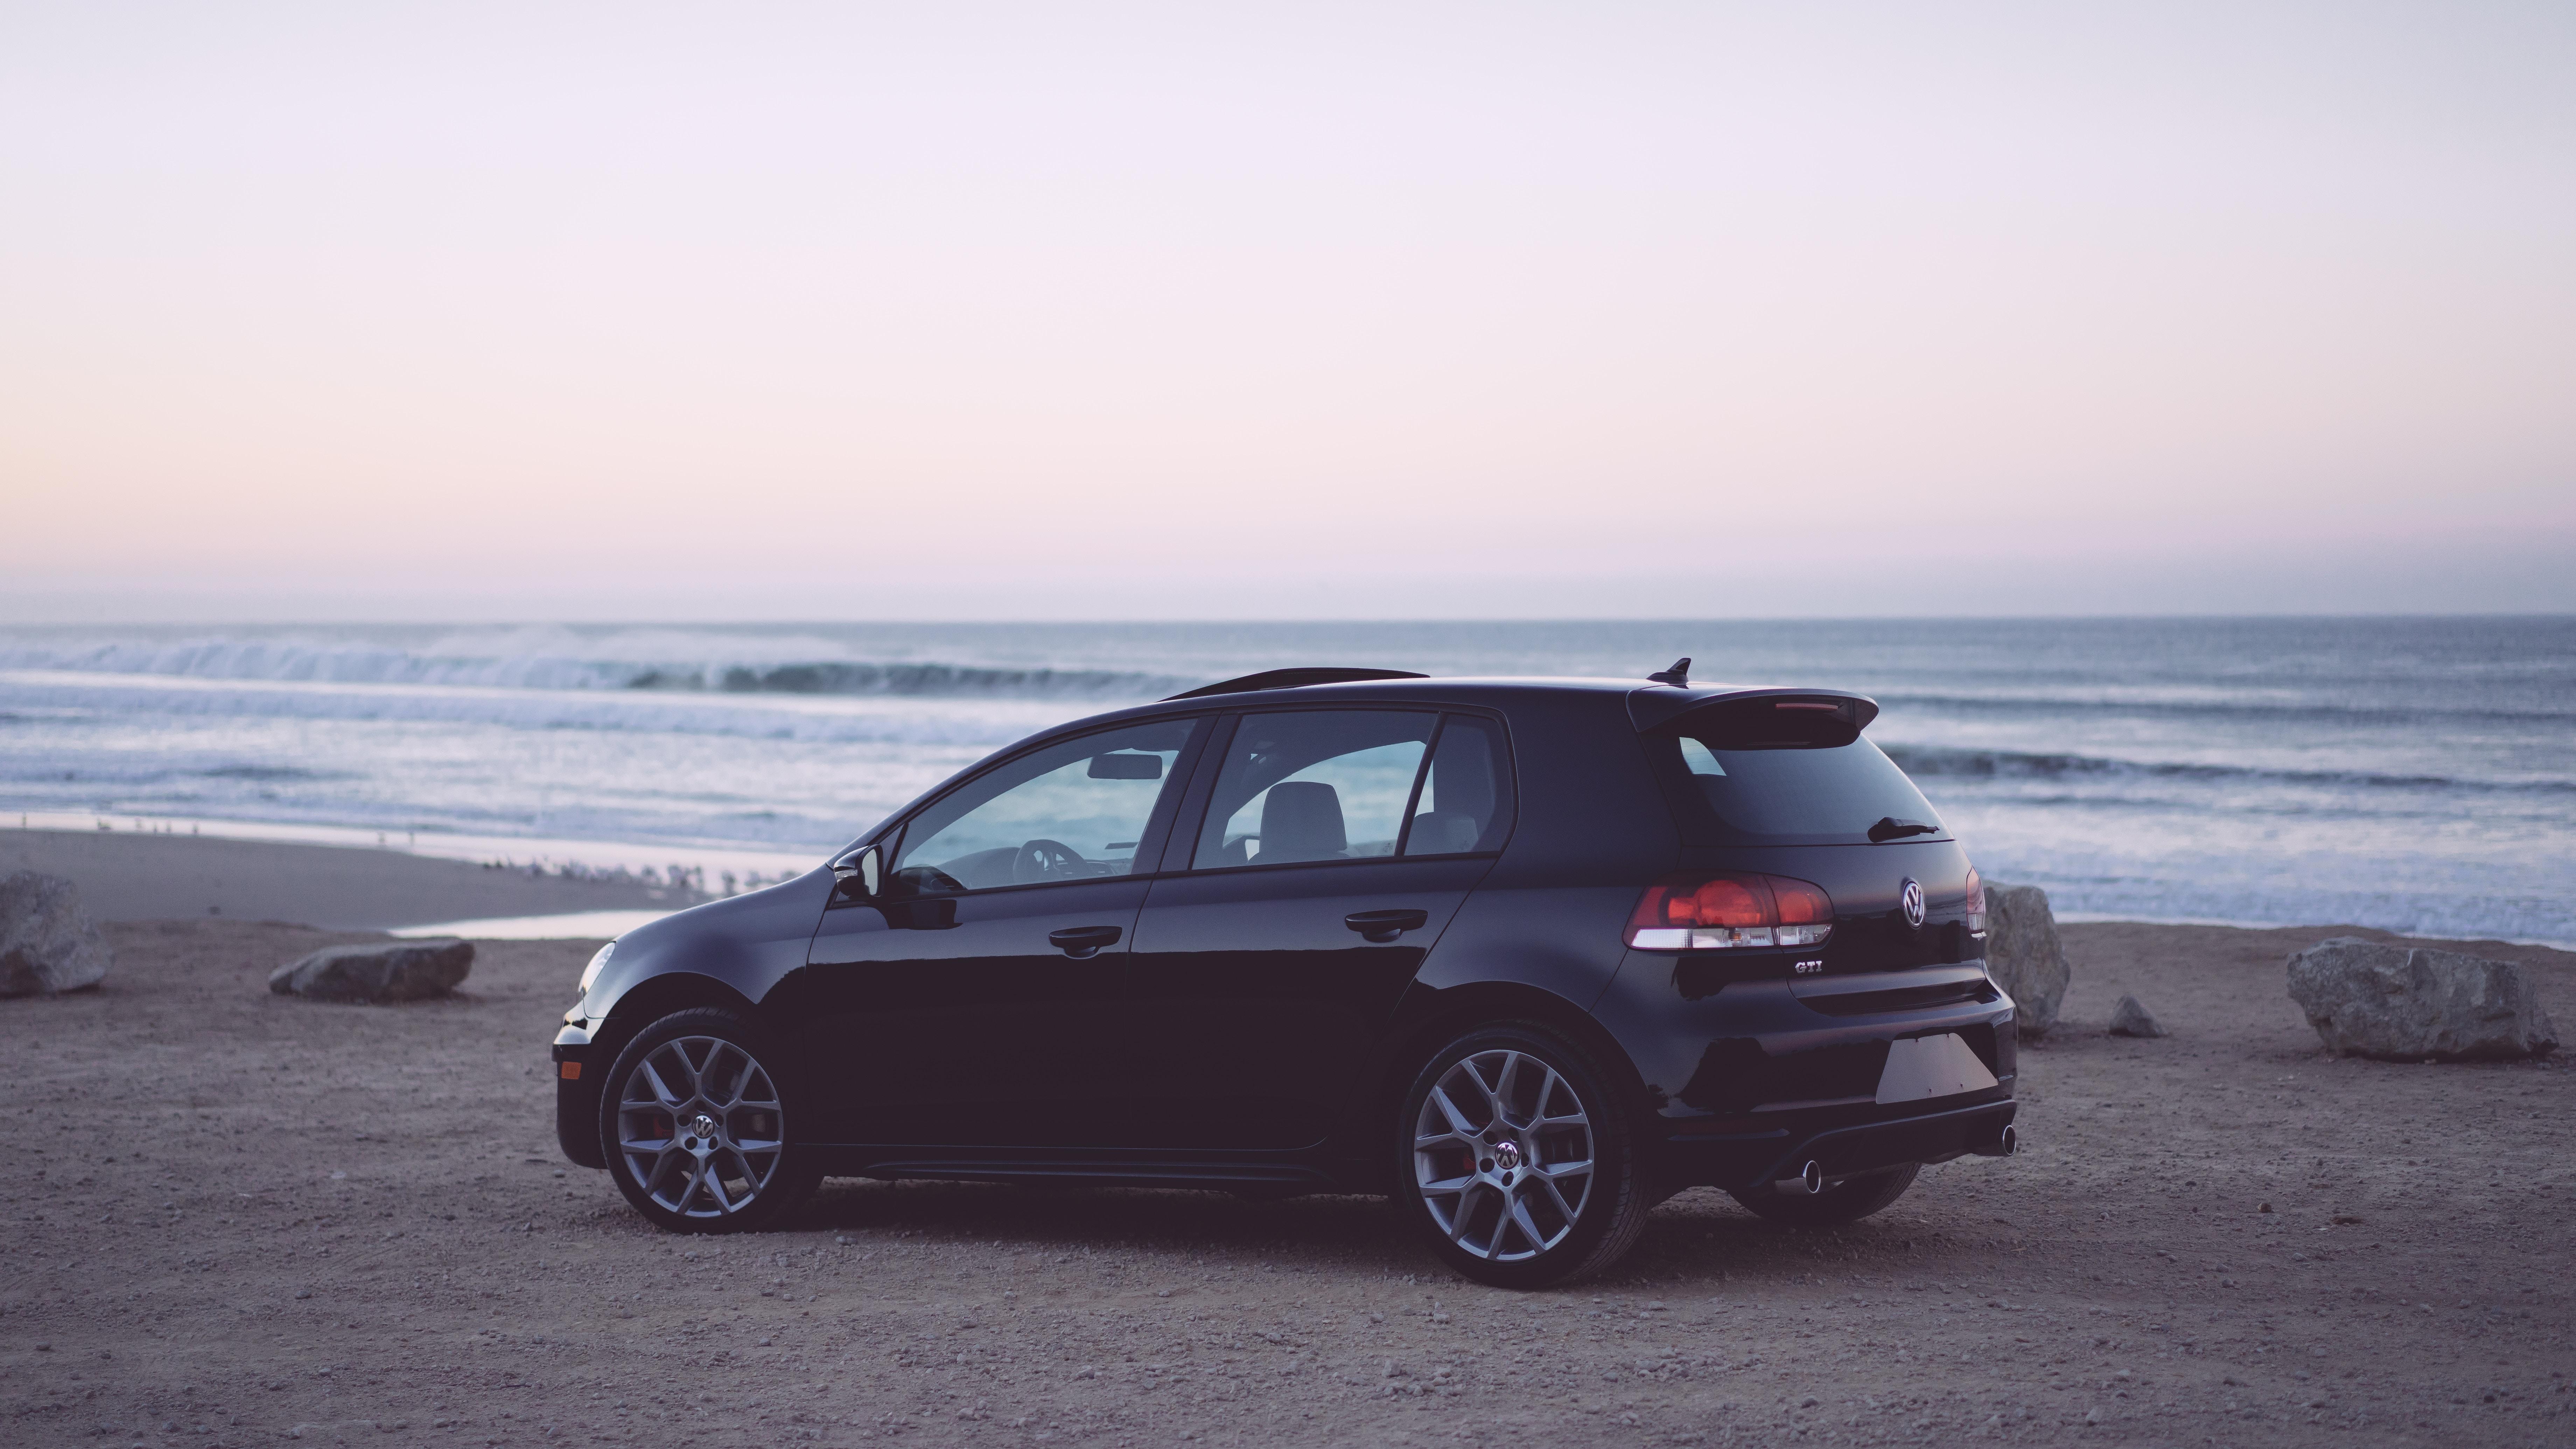 Image principale de l'article Combien devriez-vous dépenser pour une nouvelle voiture?